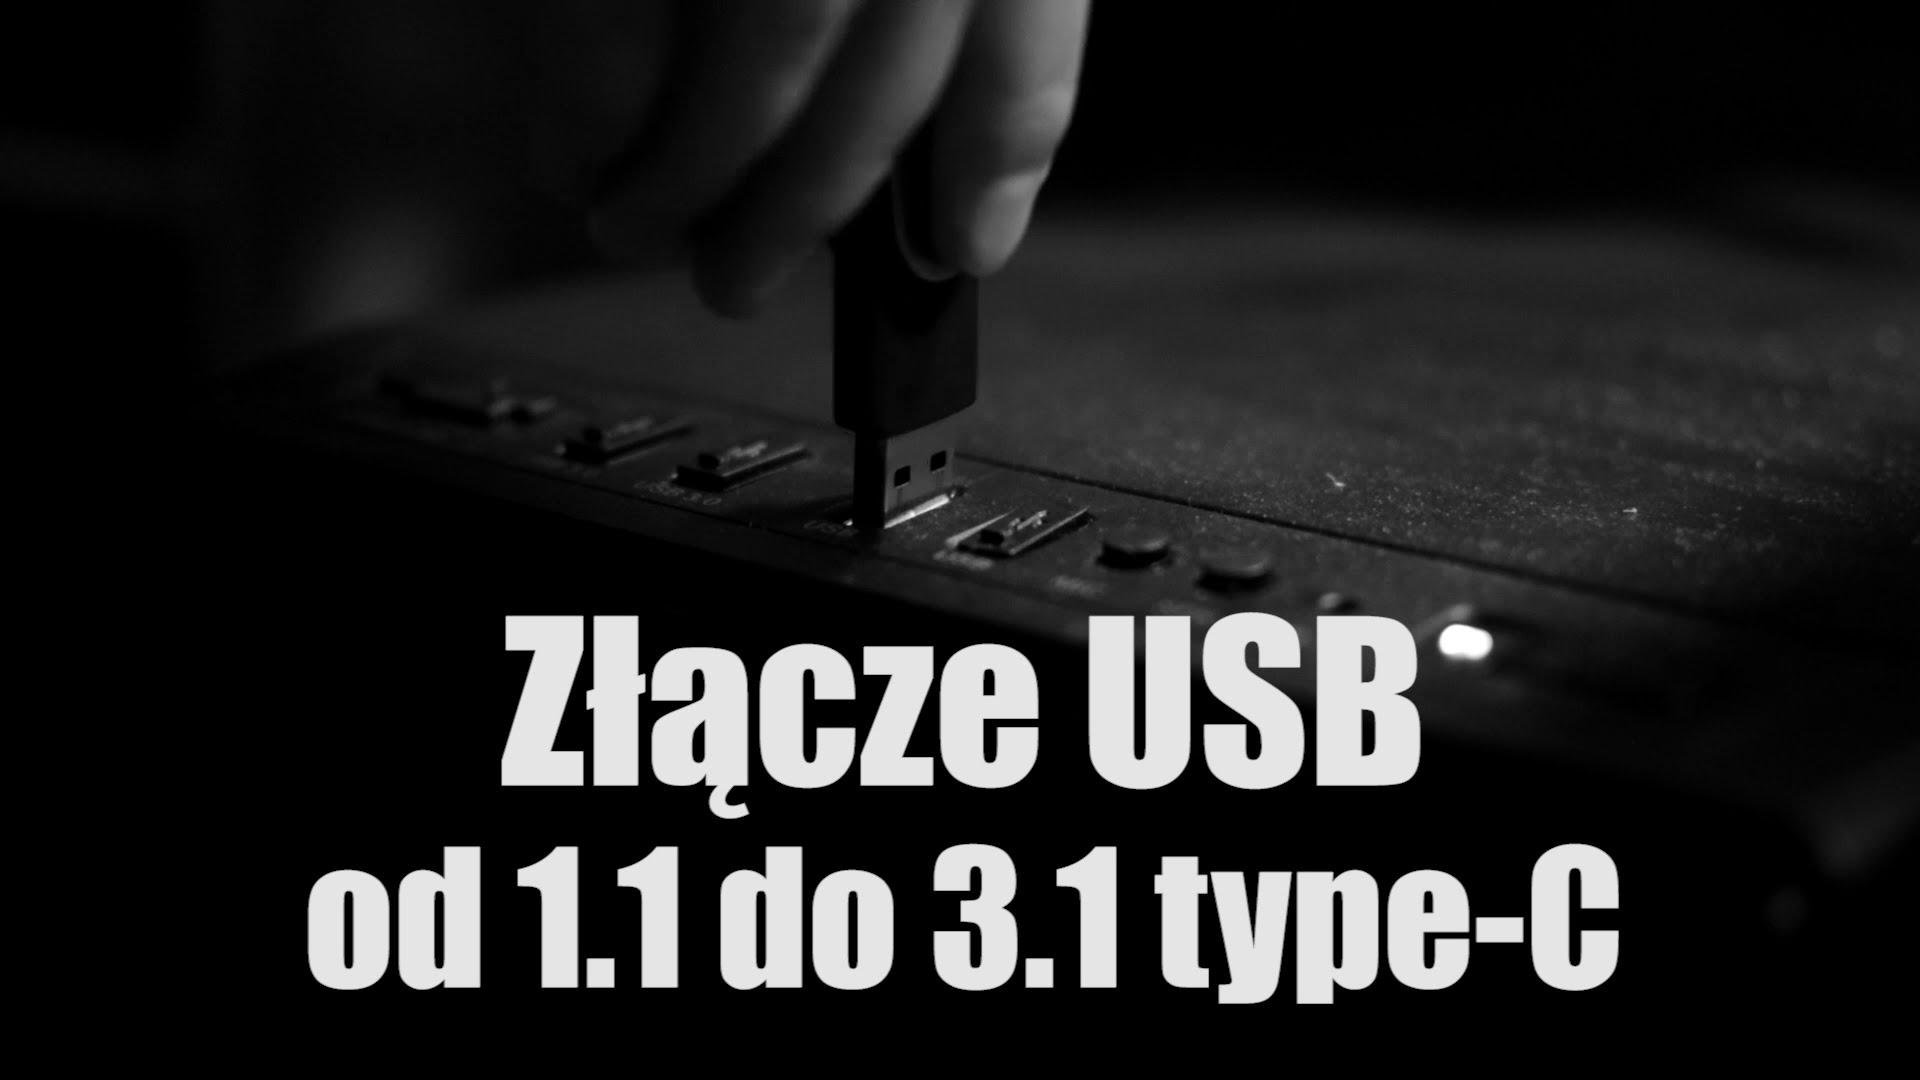 Złącze USB od 1.1 do 3.1 type-C